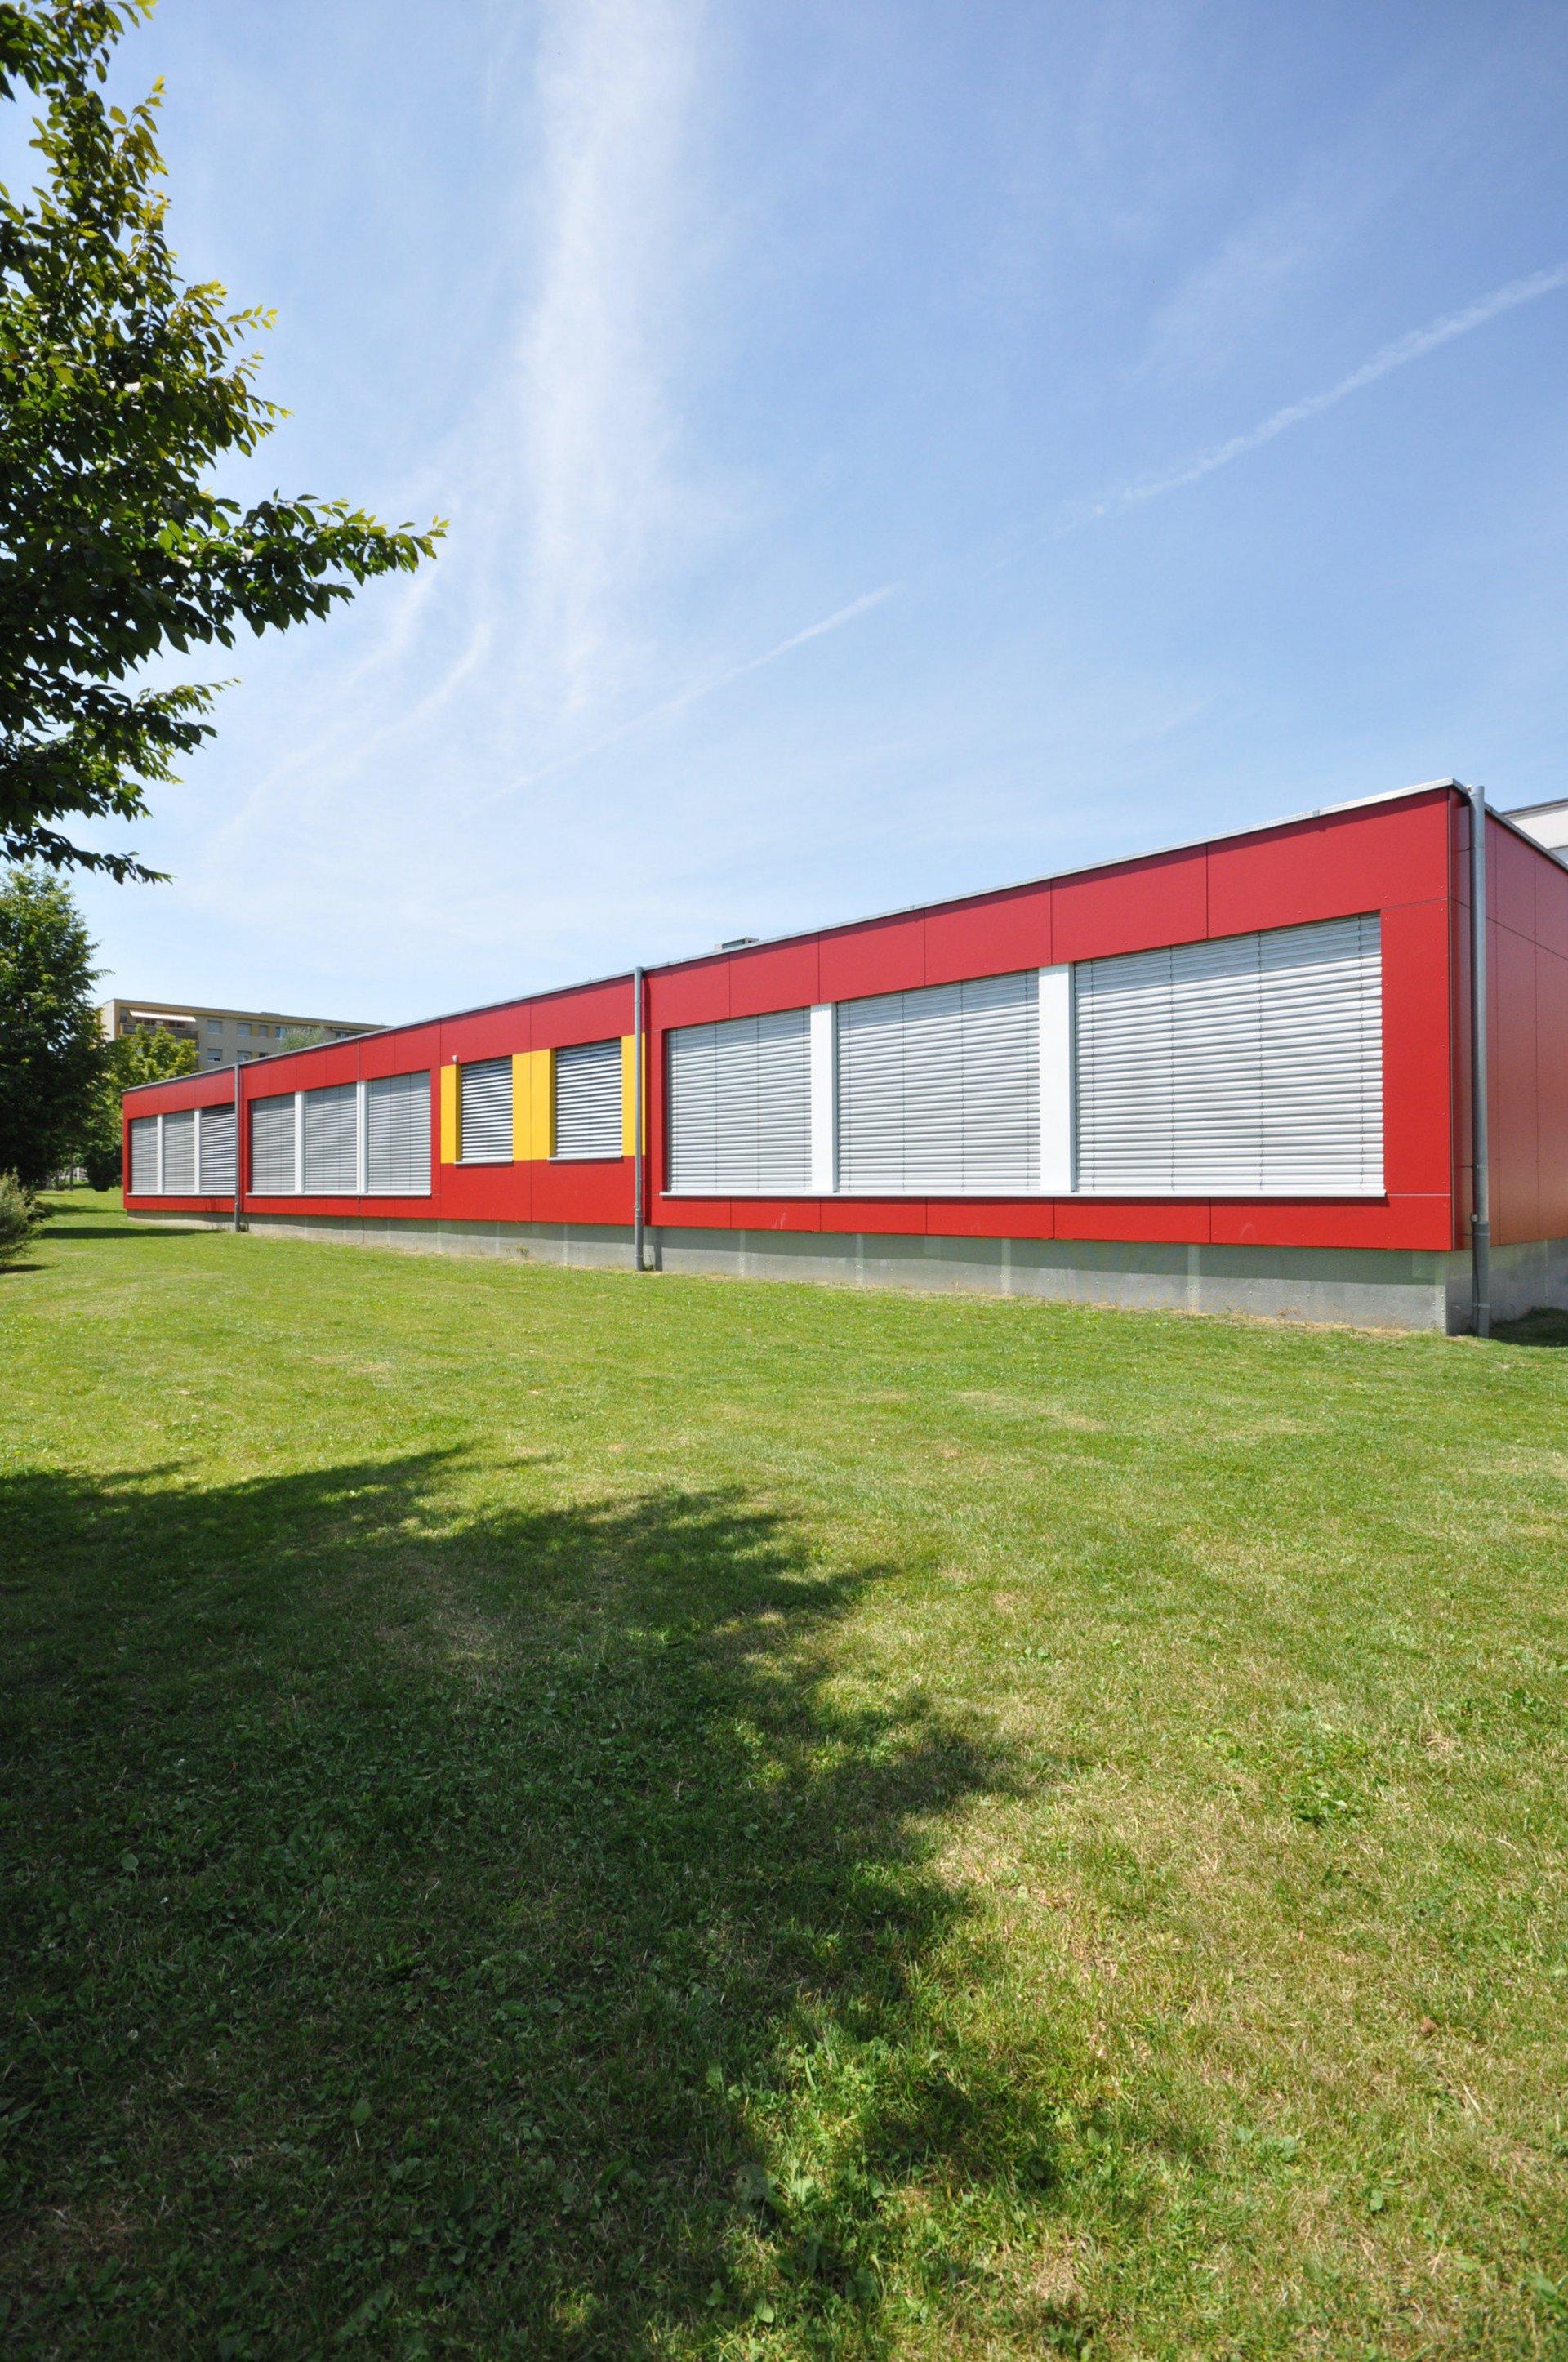 1-geschossiger Schulpavillon in Modulbauweise